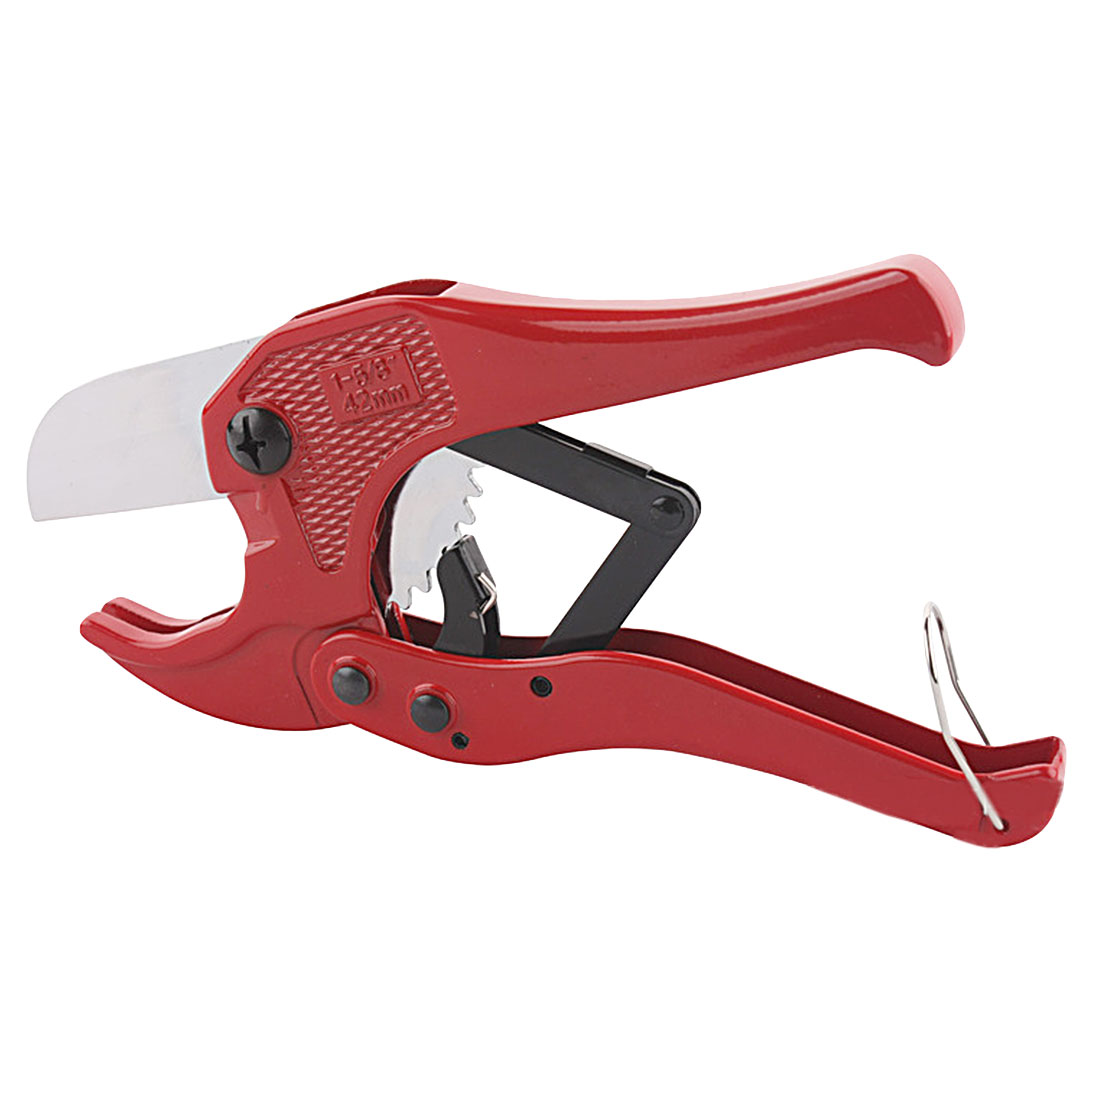 1 stück 42mm PE PVC PPR Aluminium Kunststoffrohr Wasserrohr schlauch Schlauch Cutter Schere Messer Geschnitten Ratsche Sanitär Werkzeug Hand werkzeug